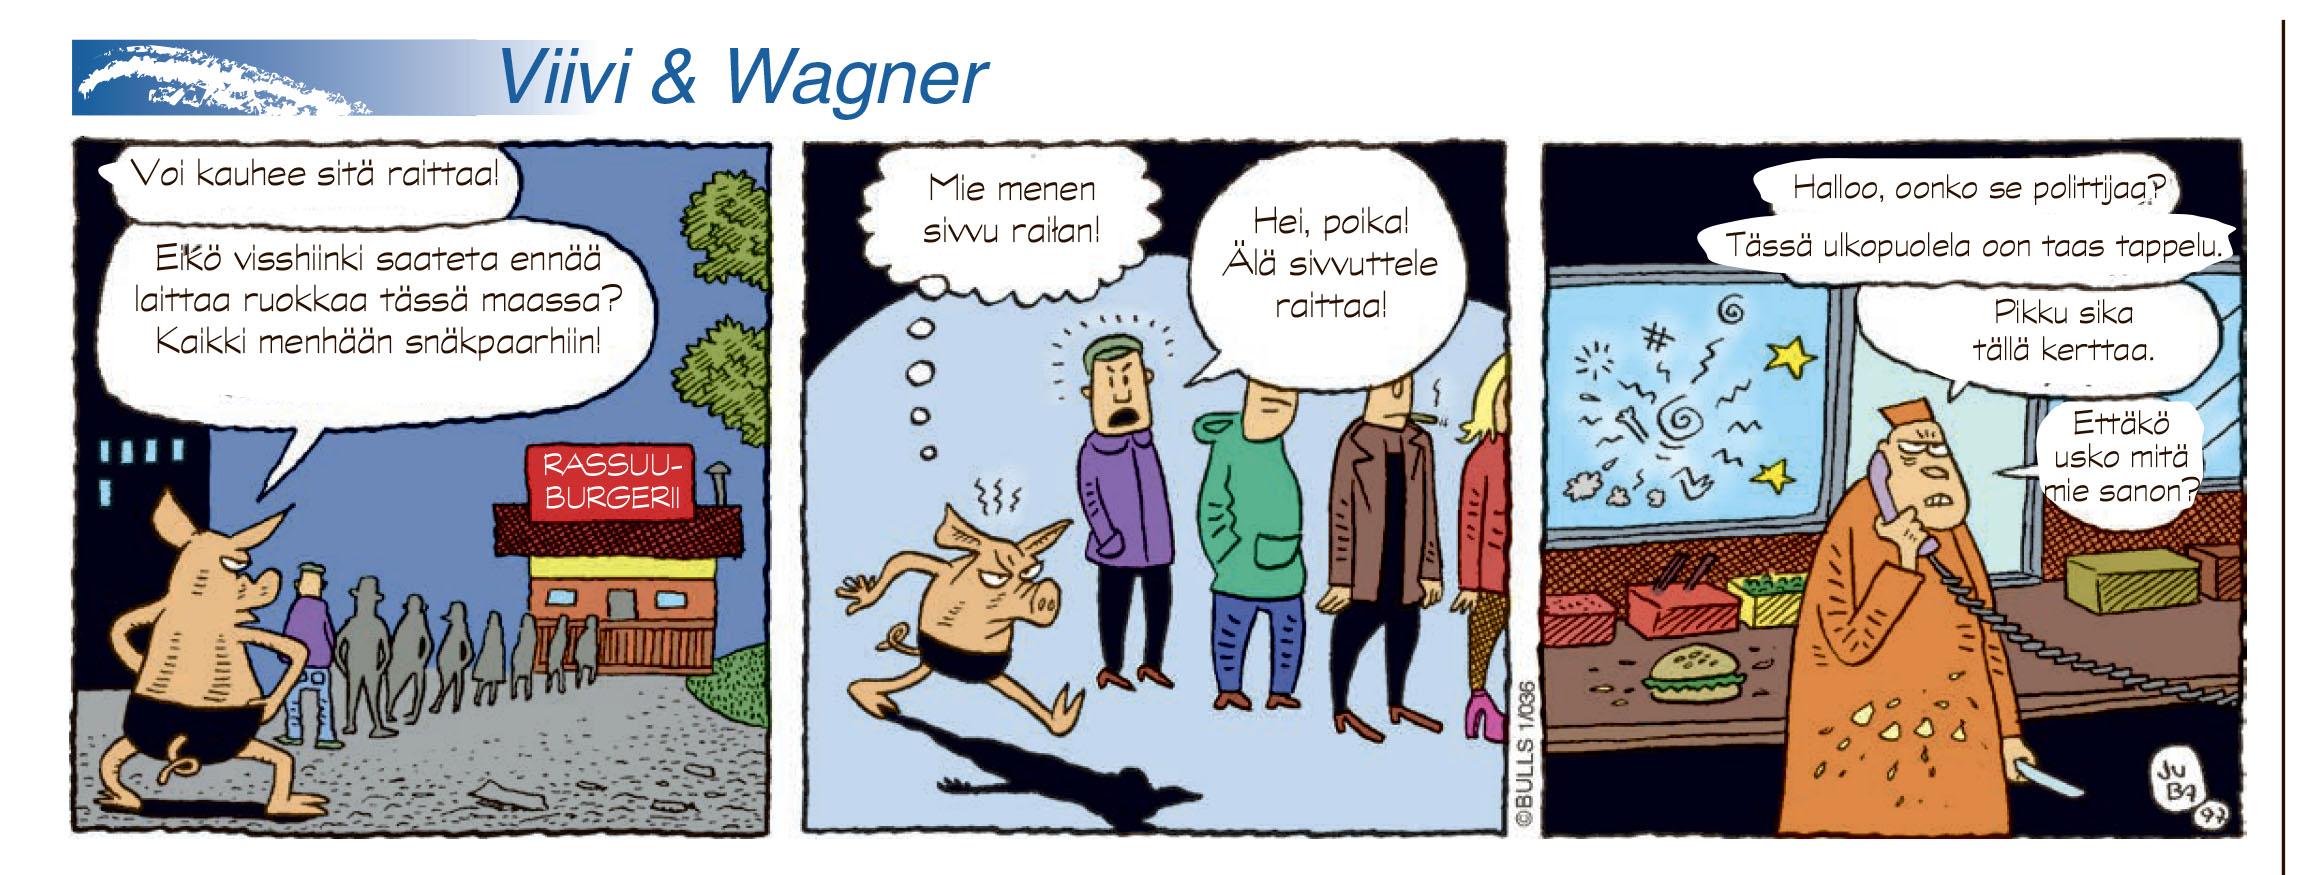 Viivi & Wagner (nr 4 -2015)